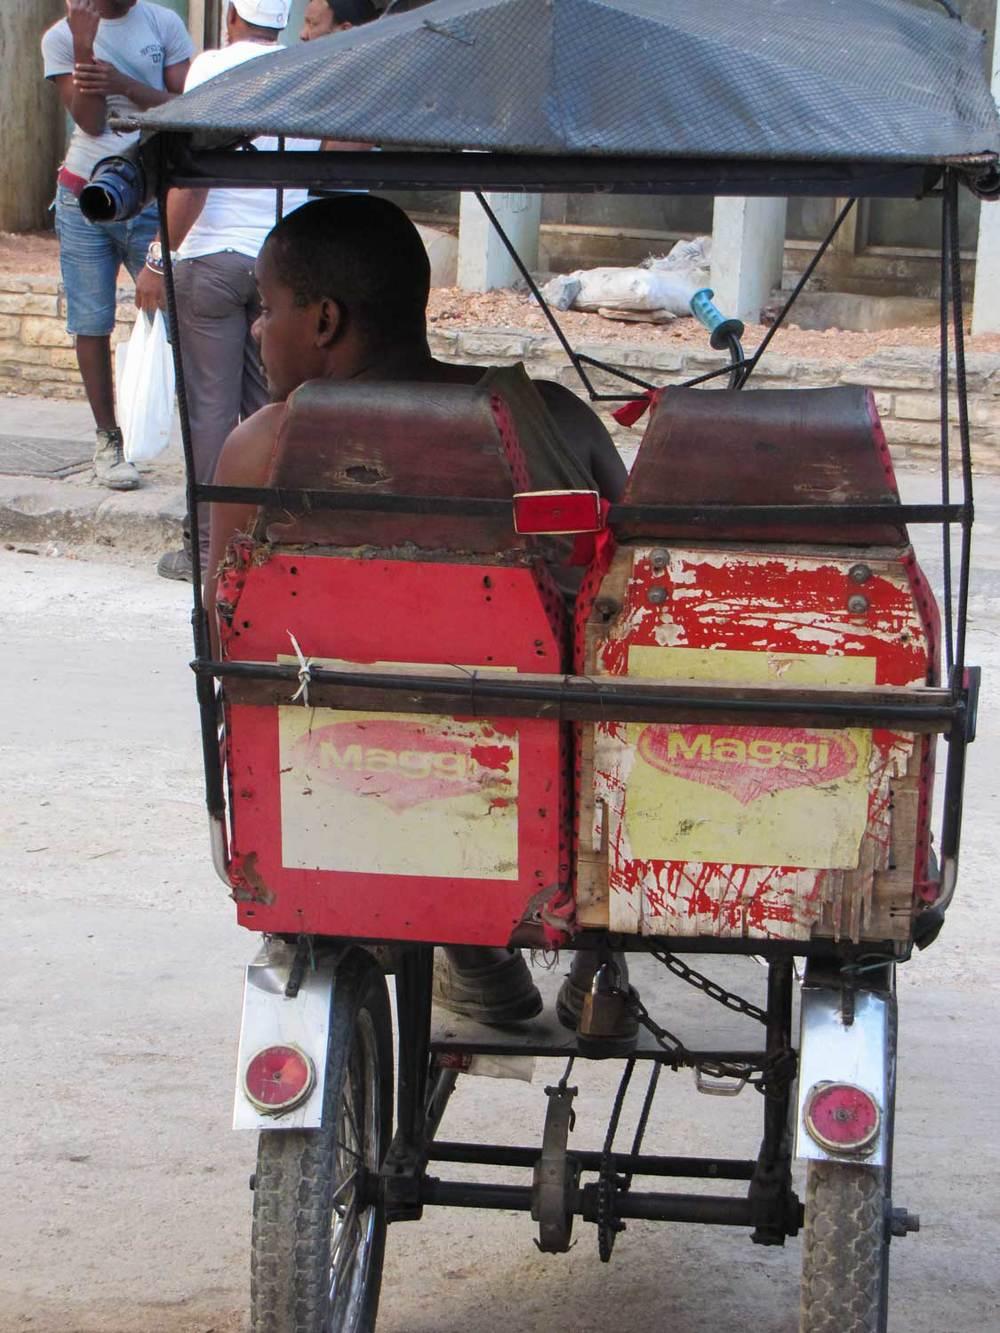 RickshawIMG_9759.jpg